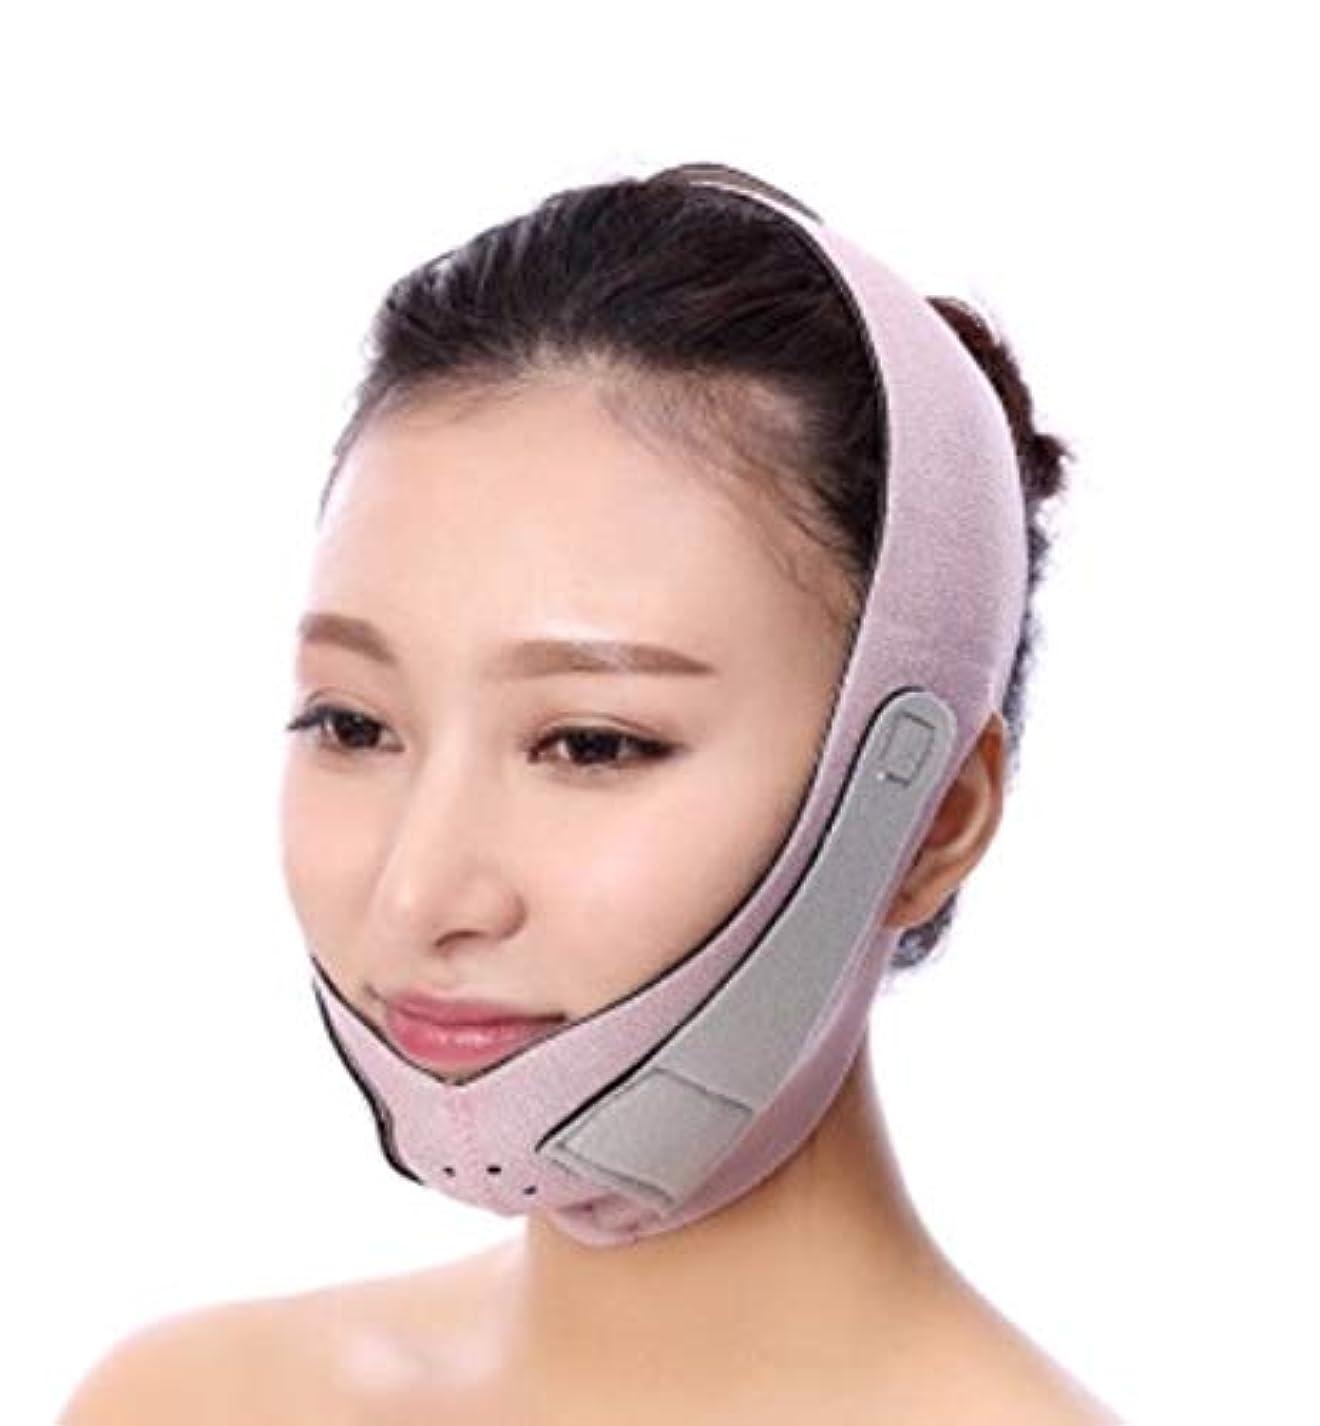 ブラウス似ているミンチTrust Contact リフトアップベルト 小顔マスク 矯正 小顔 リフトアップ フェイス 顔痩せ マスク